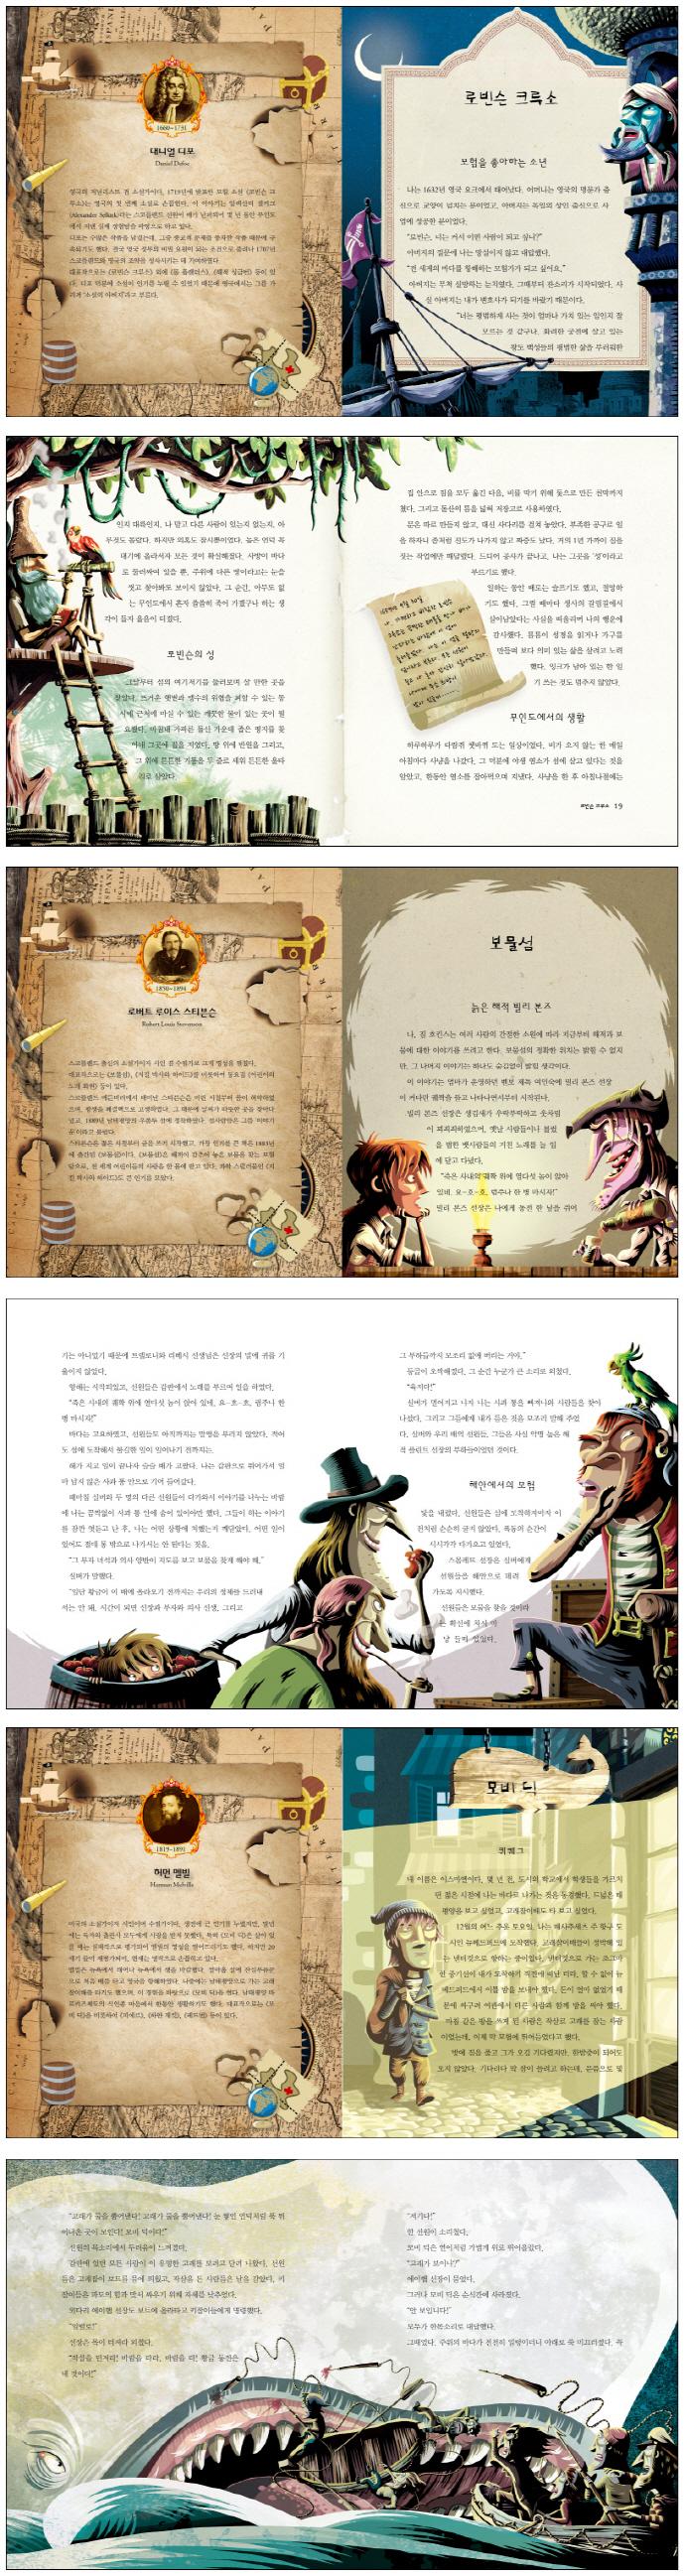 모험이야기 11(세계 대표 작가들이 들려주는)(양장본 HardCover) 도서 상세이미지